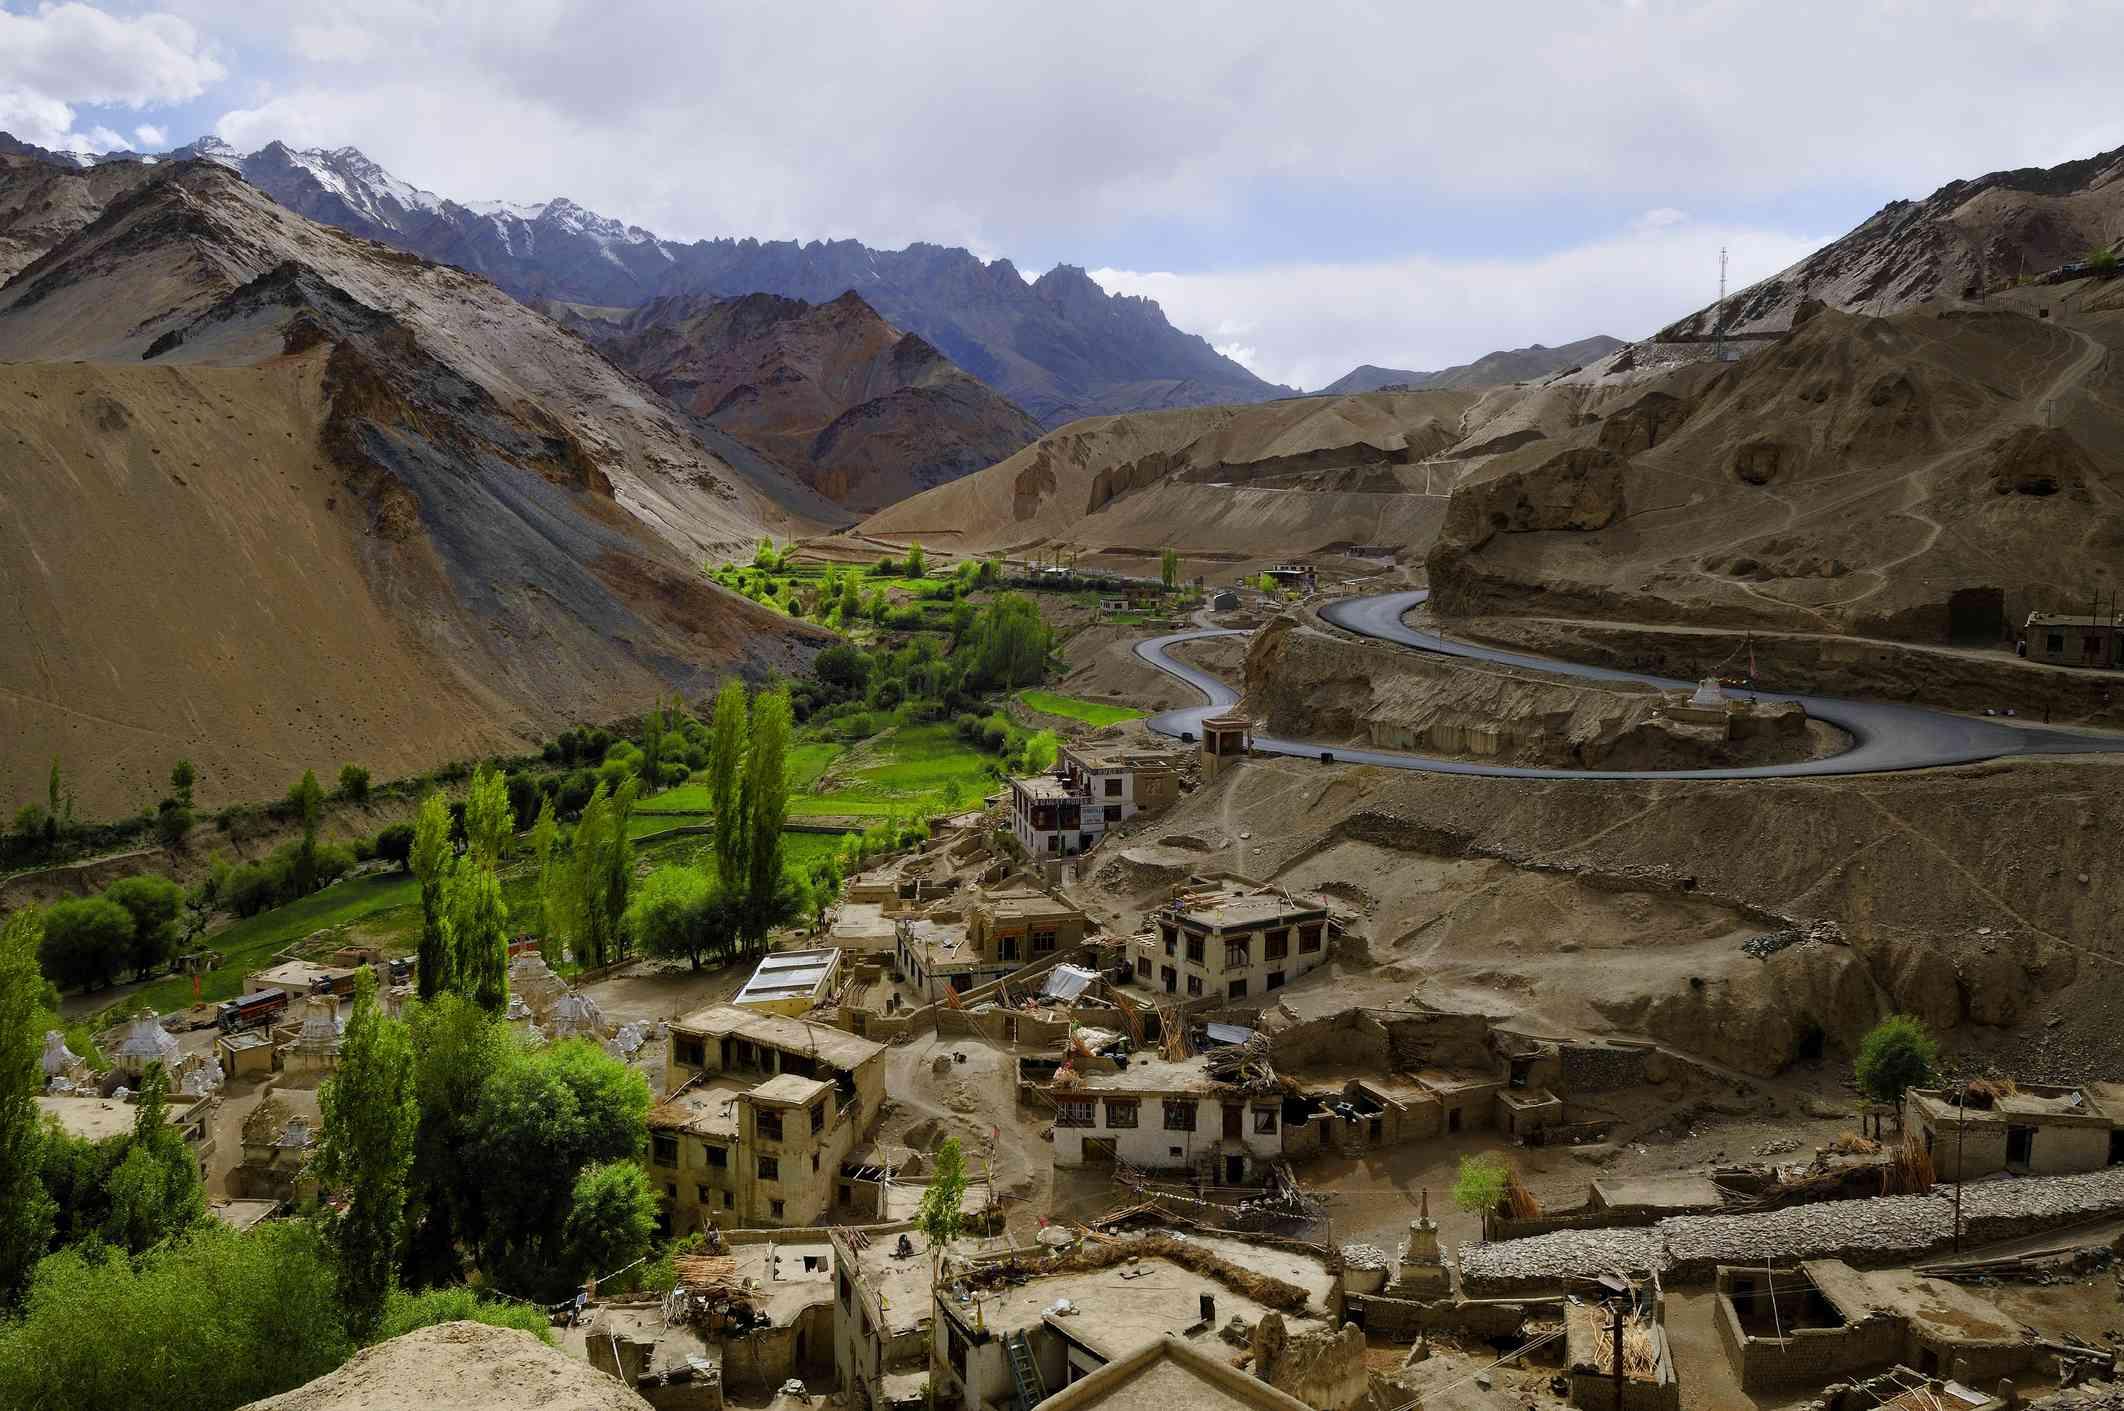 Village near Leh, Ladakh.